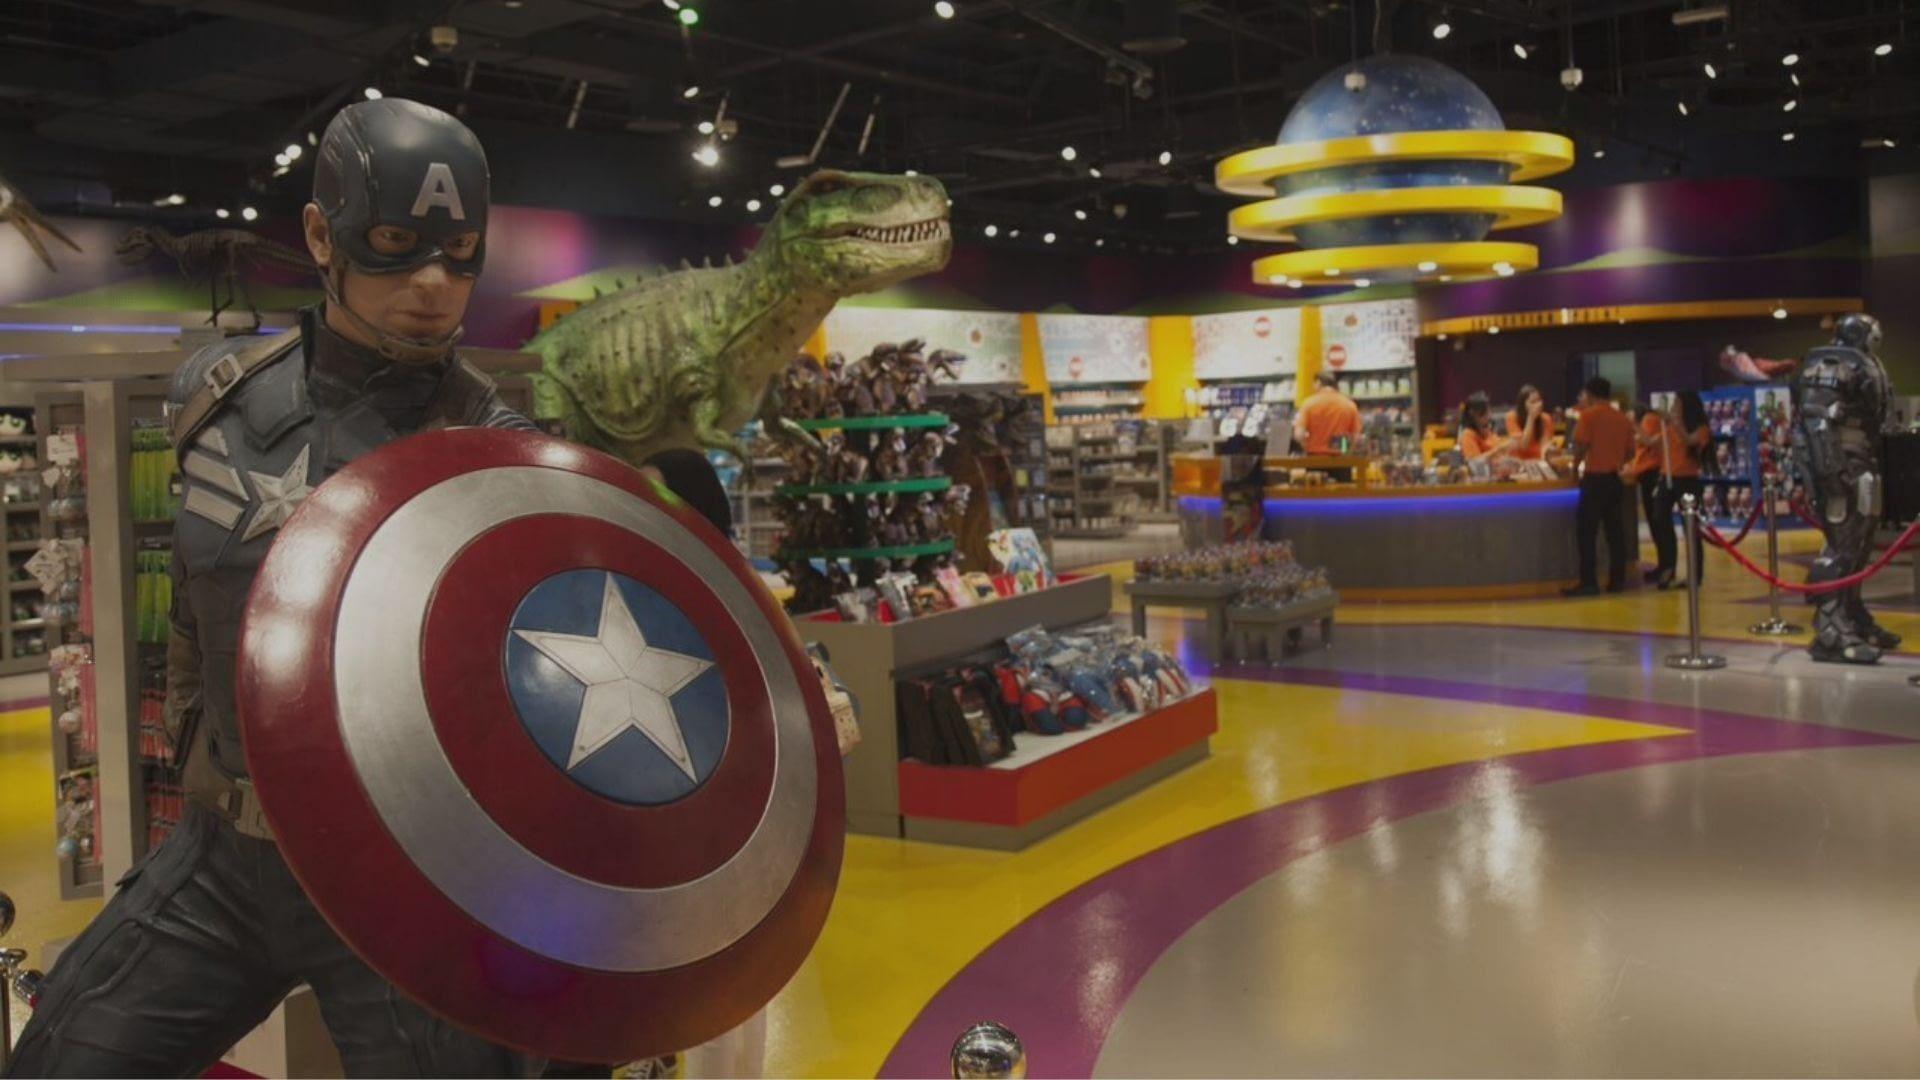 Theme Park Retail Store